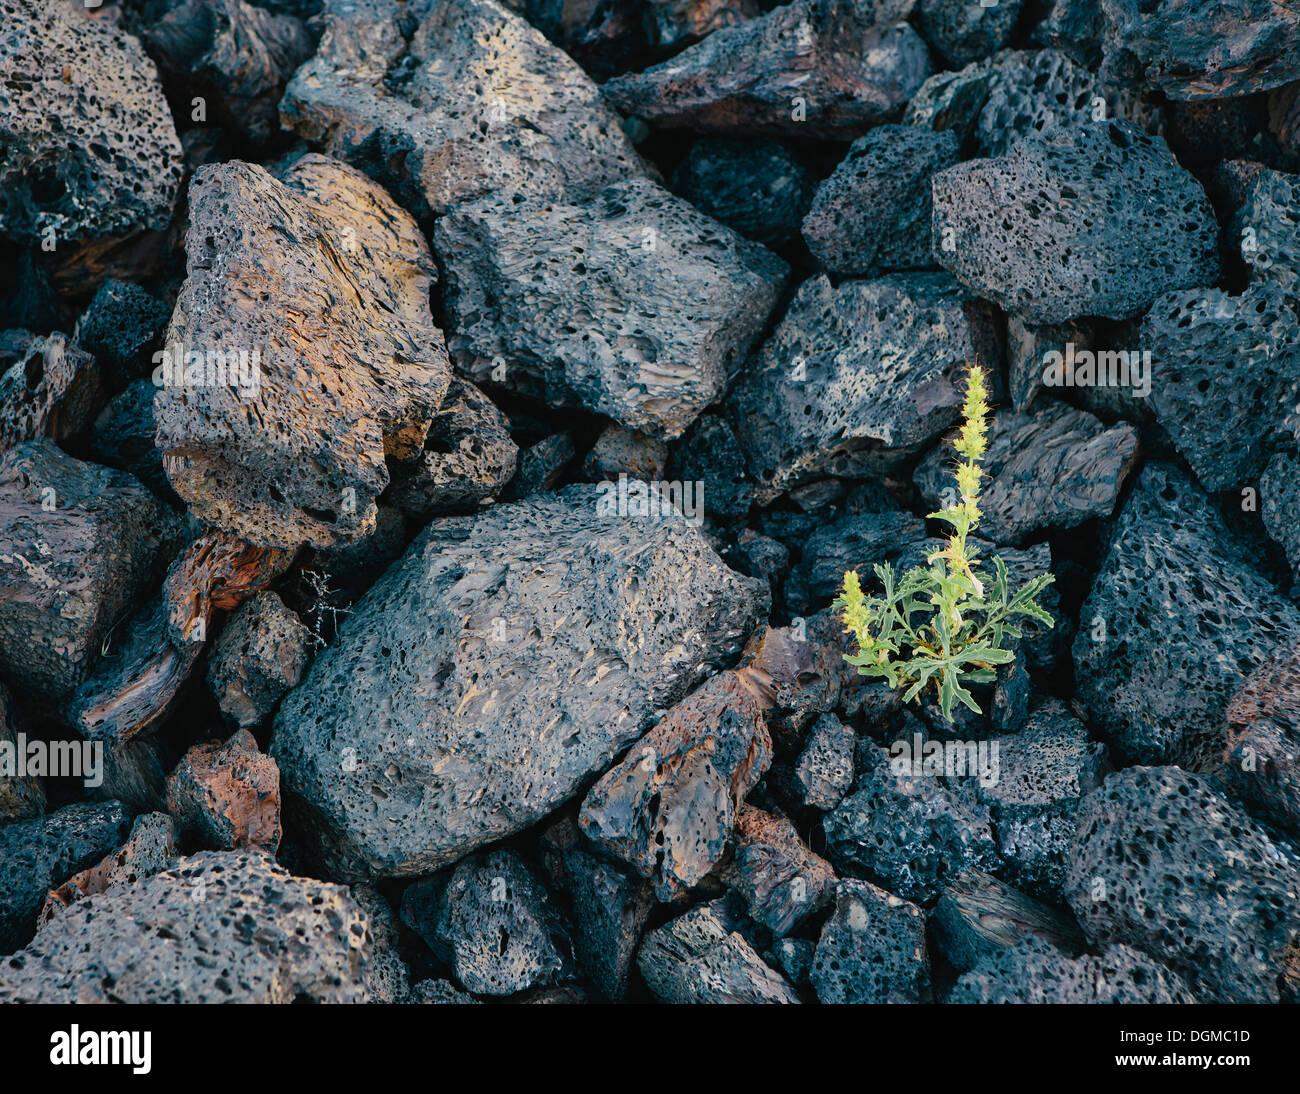 kleiner grüner Trieb Vulkangestein verfestigte Lava Felder Krater des Moon National Monument Snake River Plain zentralen Idaho Stockbild